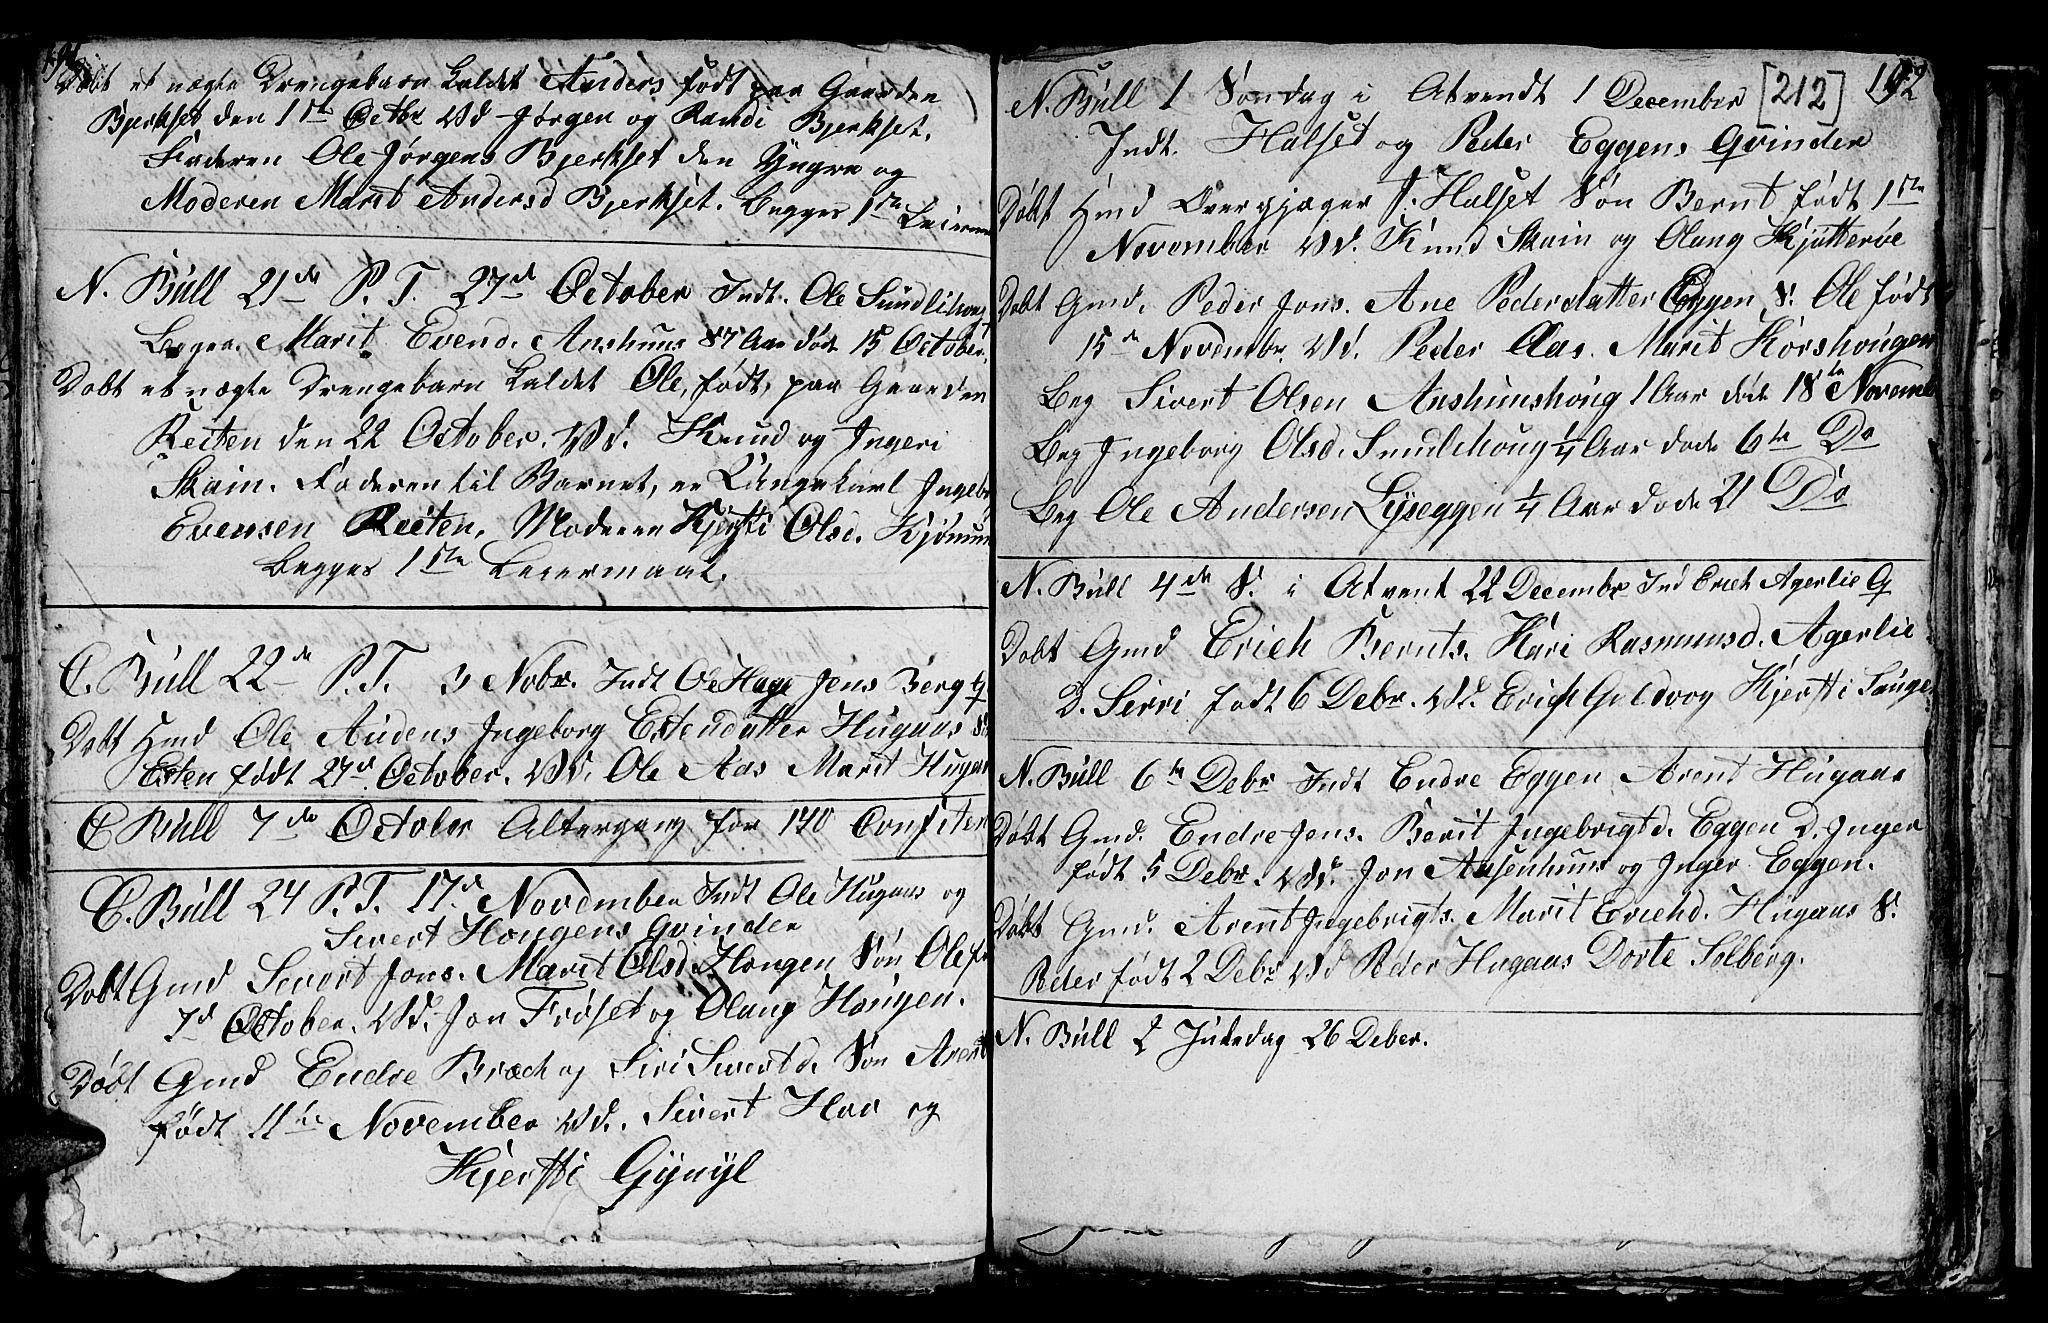 SAT, Ministerialprotokoller, klokkerbøker og fødselsregistre - Sør-Trøndelag, 689/L1042: Klokkerbok nr. 689C01, 1812-1841, s. 211-212